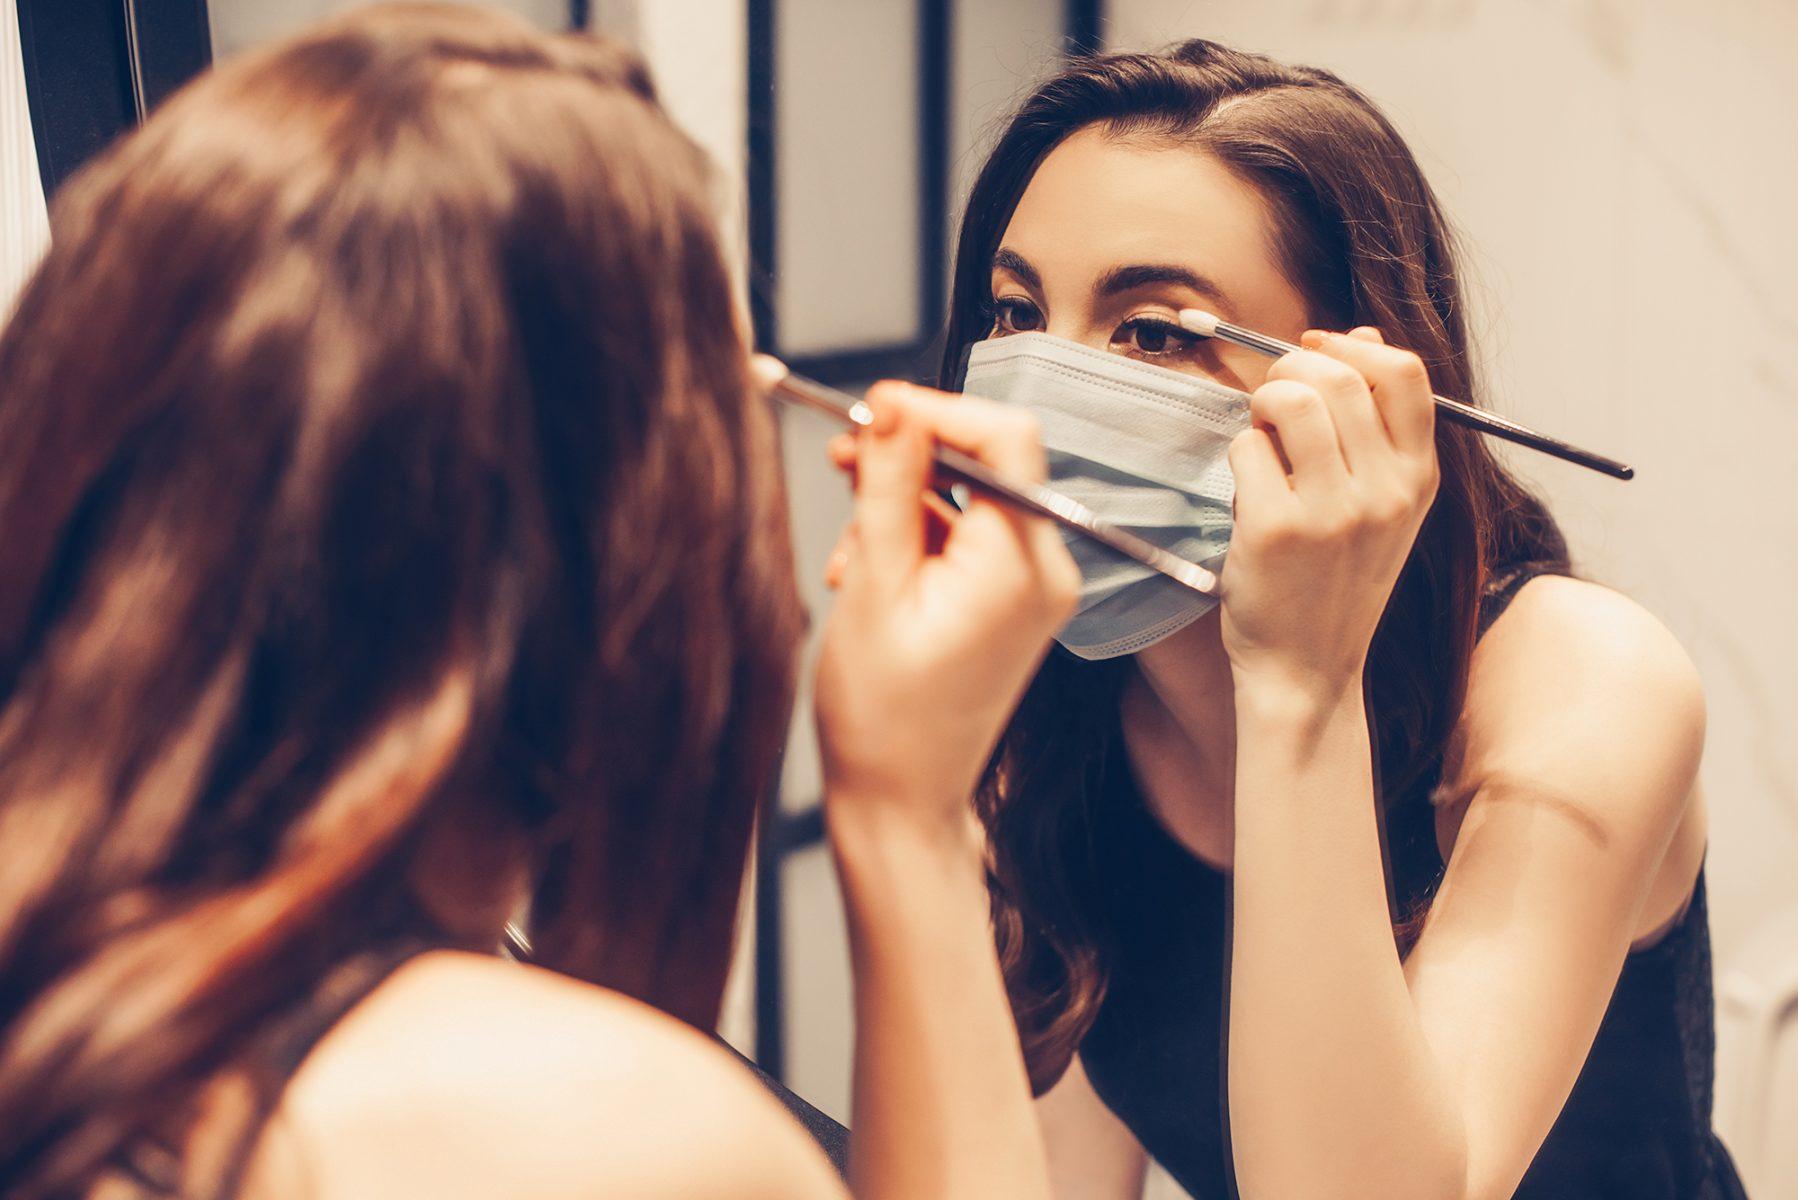 Μάσκες κορωνοϊός: 'Ερευνα δείχνει ότι οι άνθρωποι είναι πιο ελκυστικοί